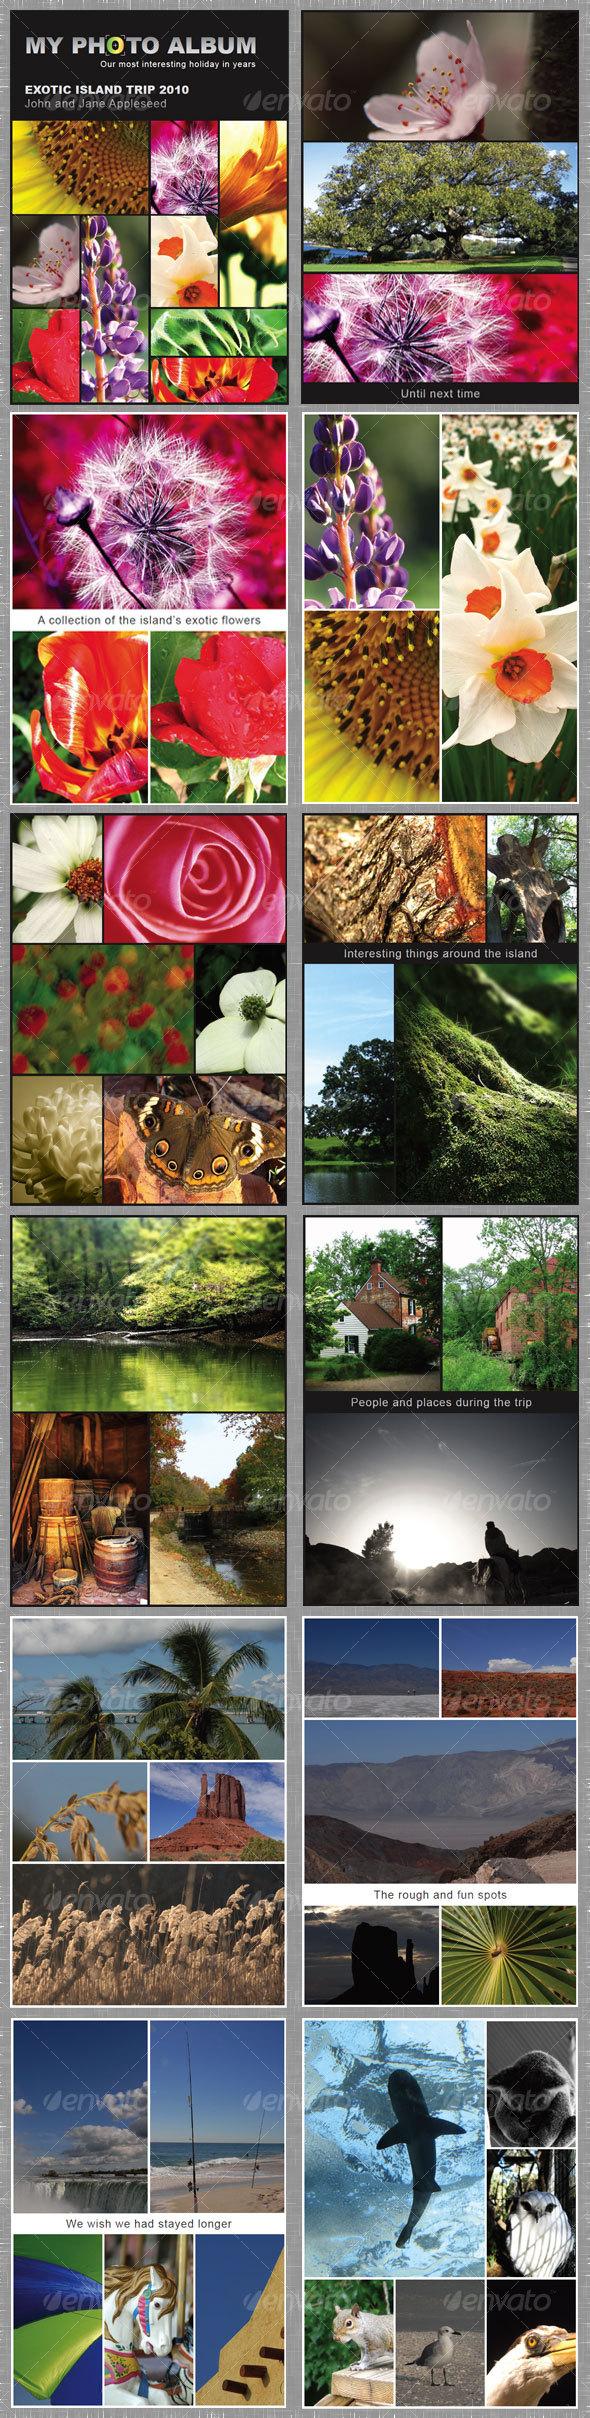 GraphicRiver Elegant Photo Album 12 pages 99879